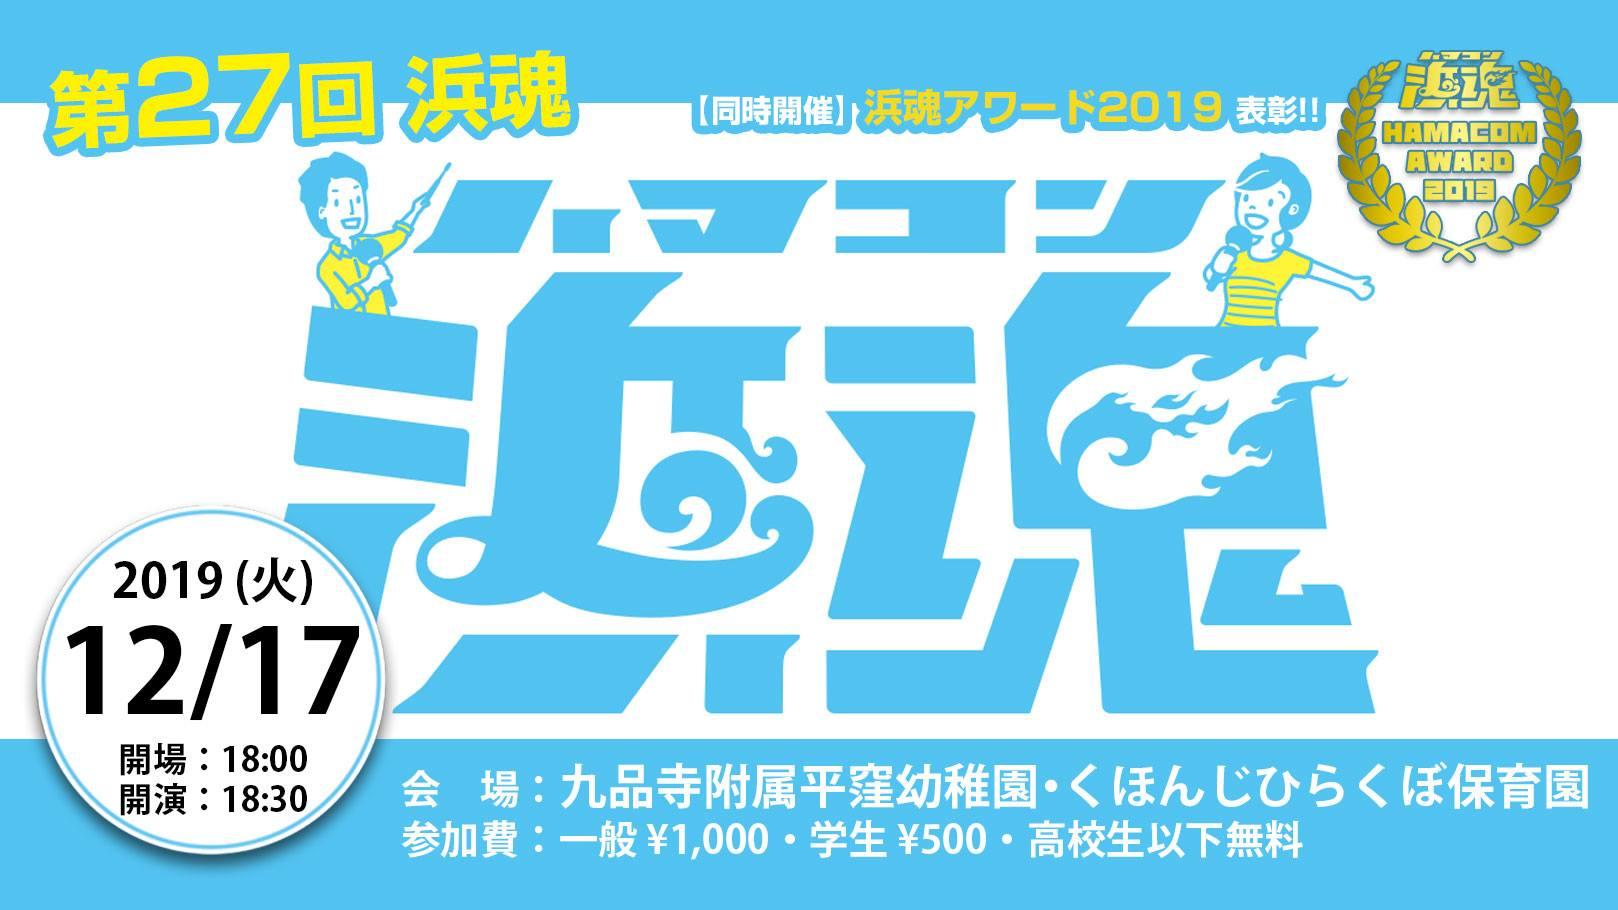 第27回浜魂 & 浜魂アワード2019授賞式 開催のお知らせ